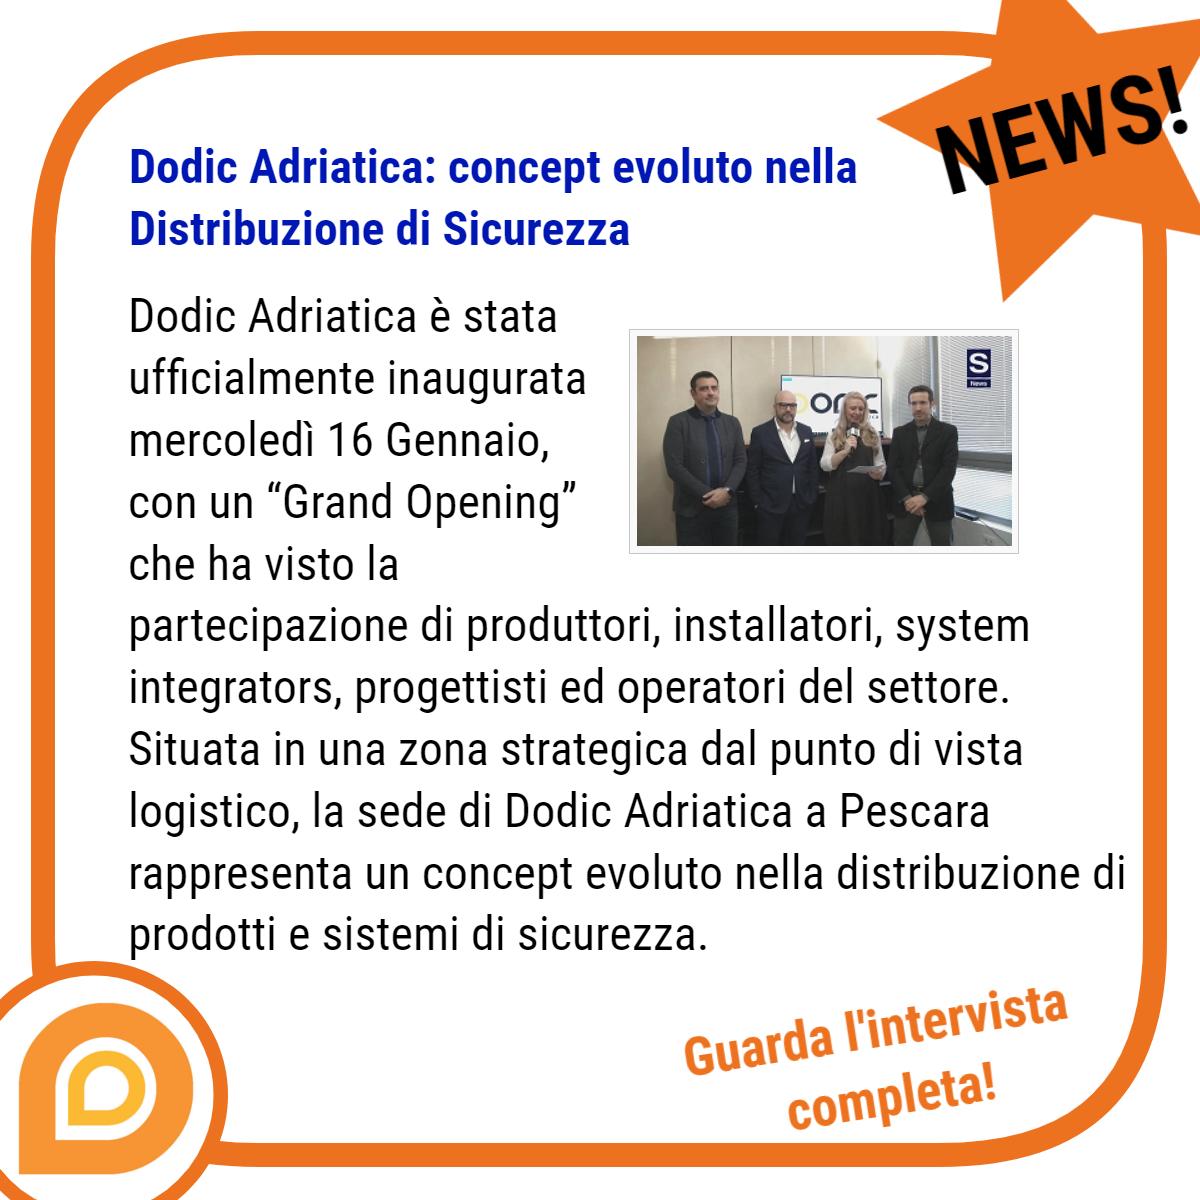 Dodic Adriatica, distribuzione di sistemi di sicurezza, automazione, antintrusione, videosorveglianza e antincendio a Pescara per Abruzzo e Molise